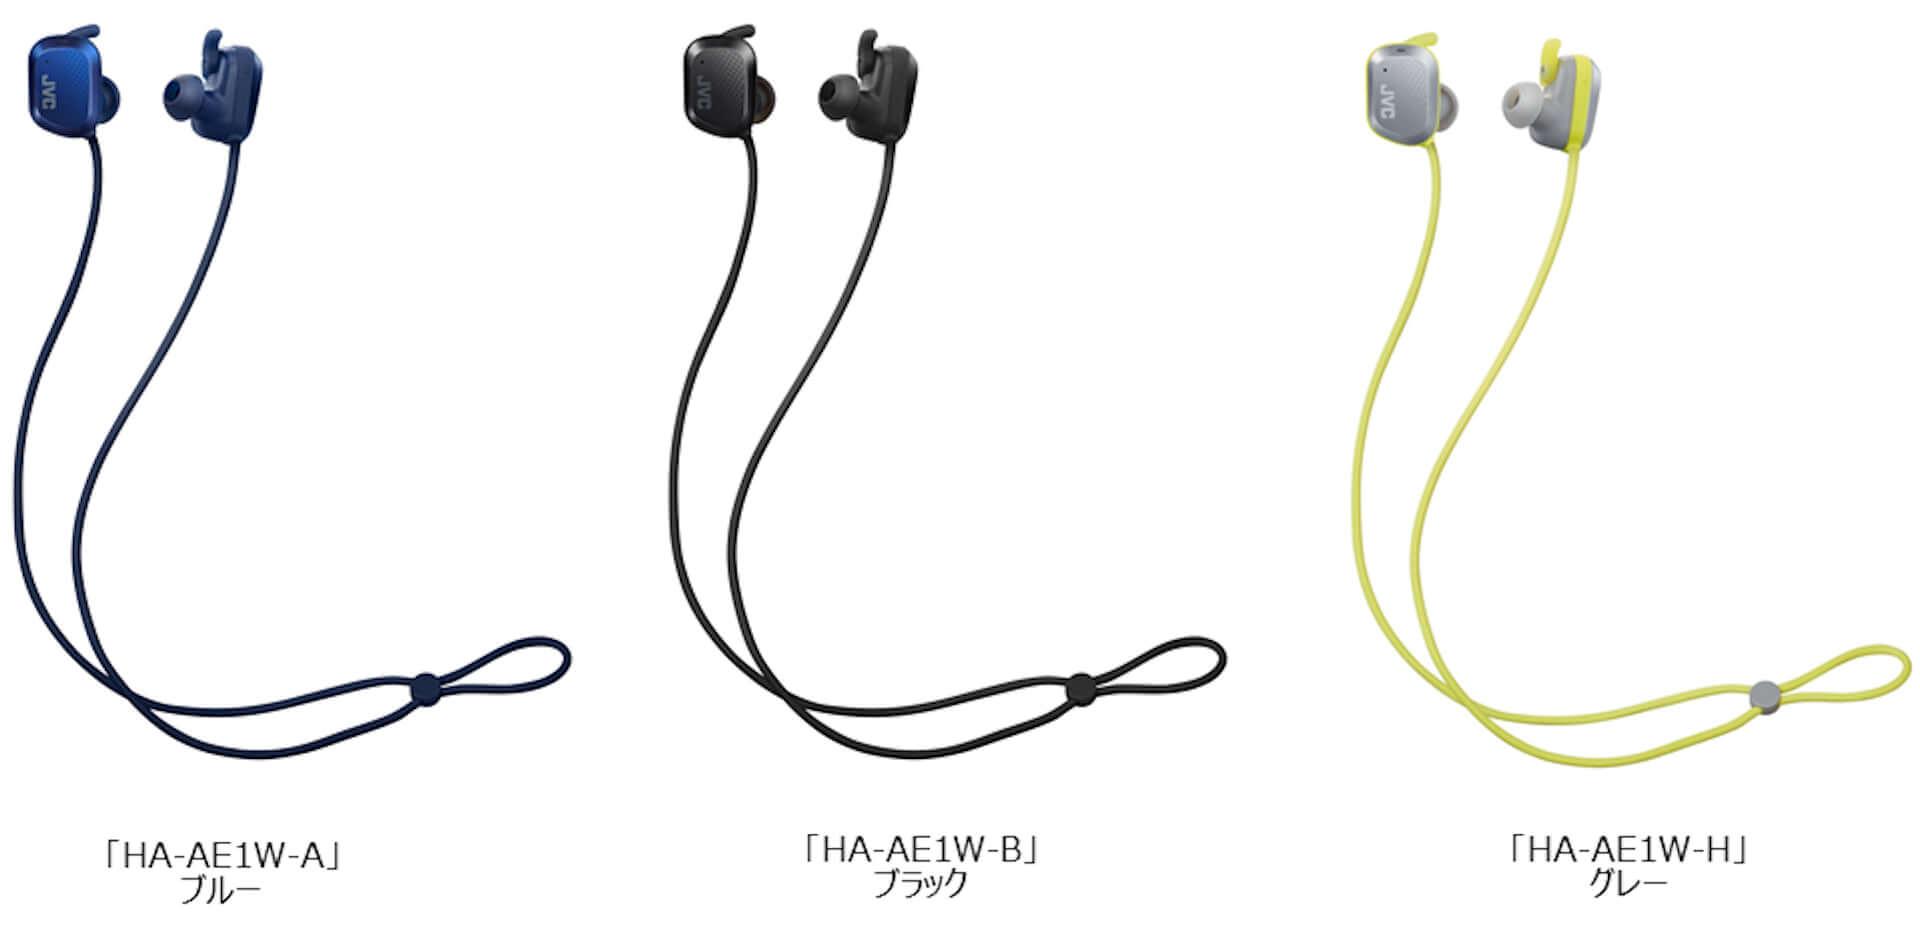 テレワークやランニングに最適のJVCワイヤレスイヤホン『HA-AE5T』『HA-AE1W』が登場! tech200519_jvckenwood_3-1920x932